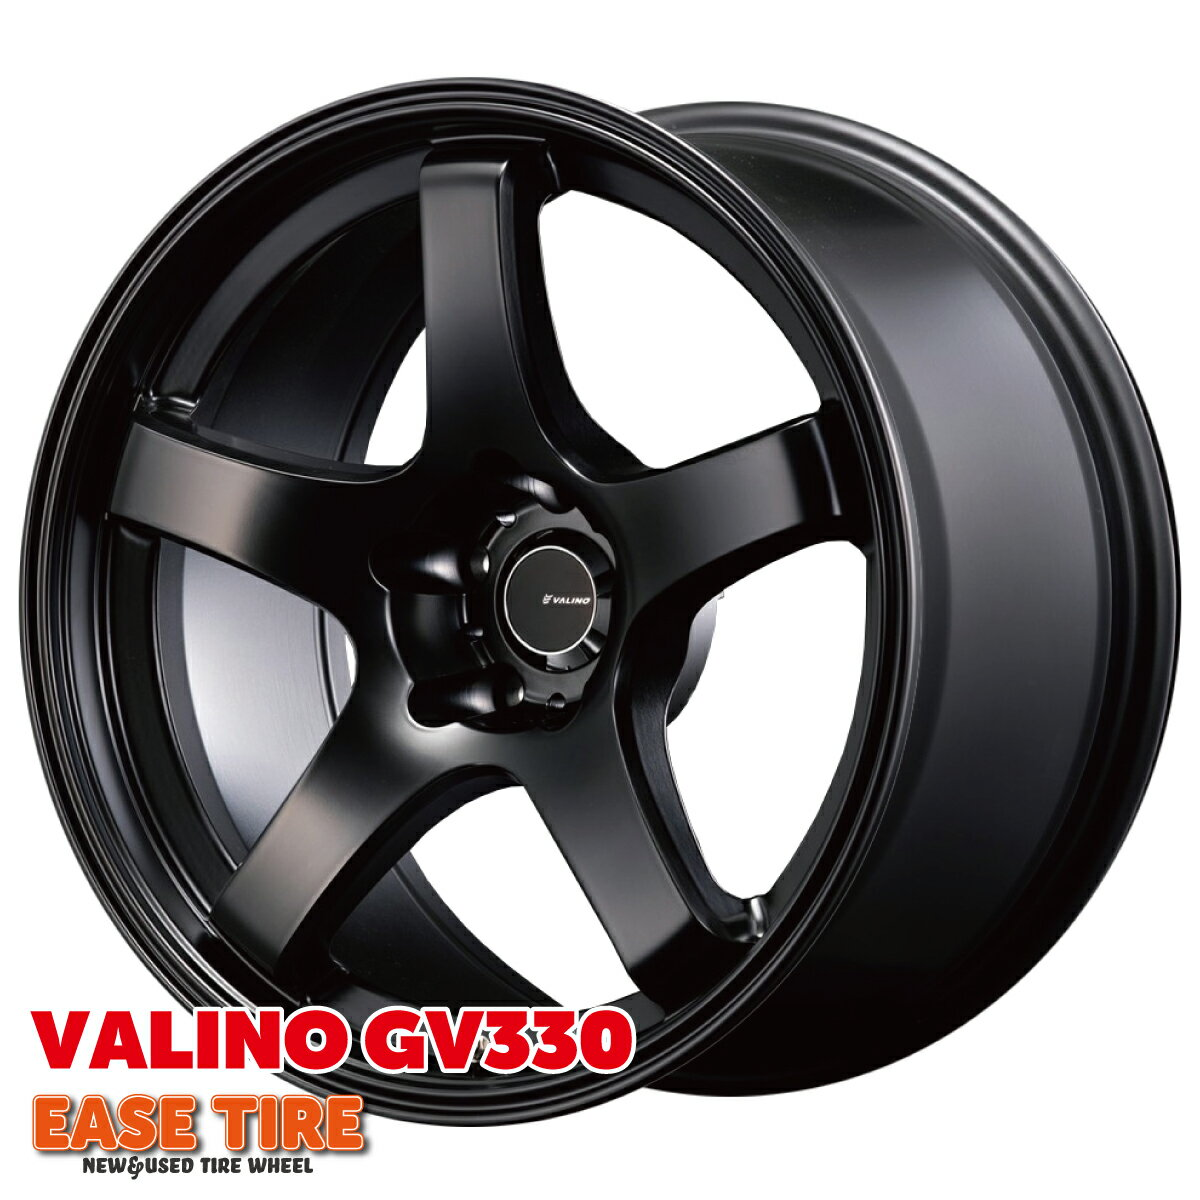 タイヤ・ホイール, ホイール 189.5J 12 114.3 5H VALINO GV330 1 4